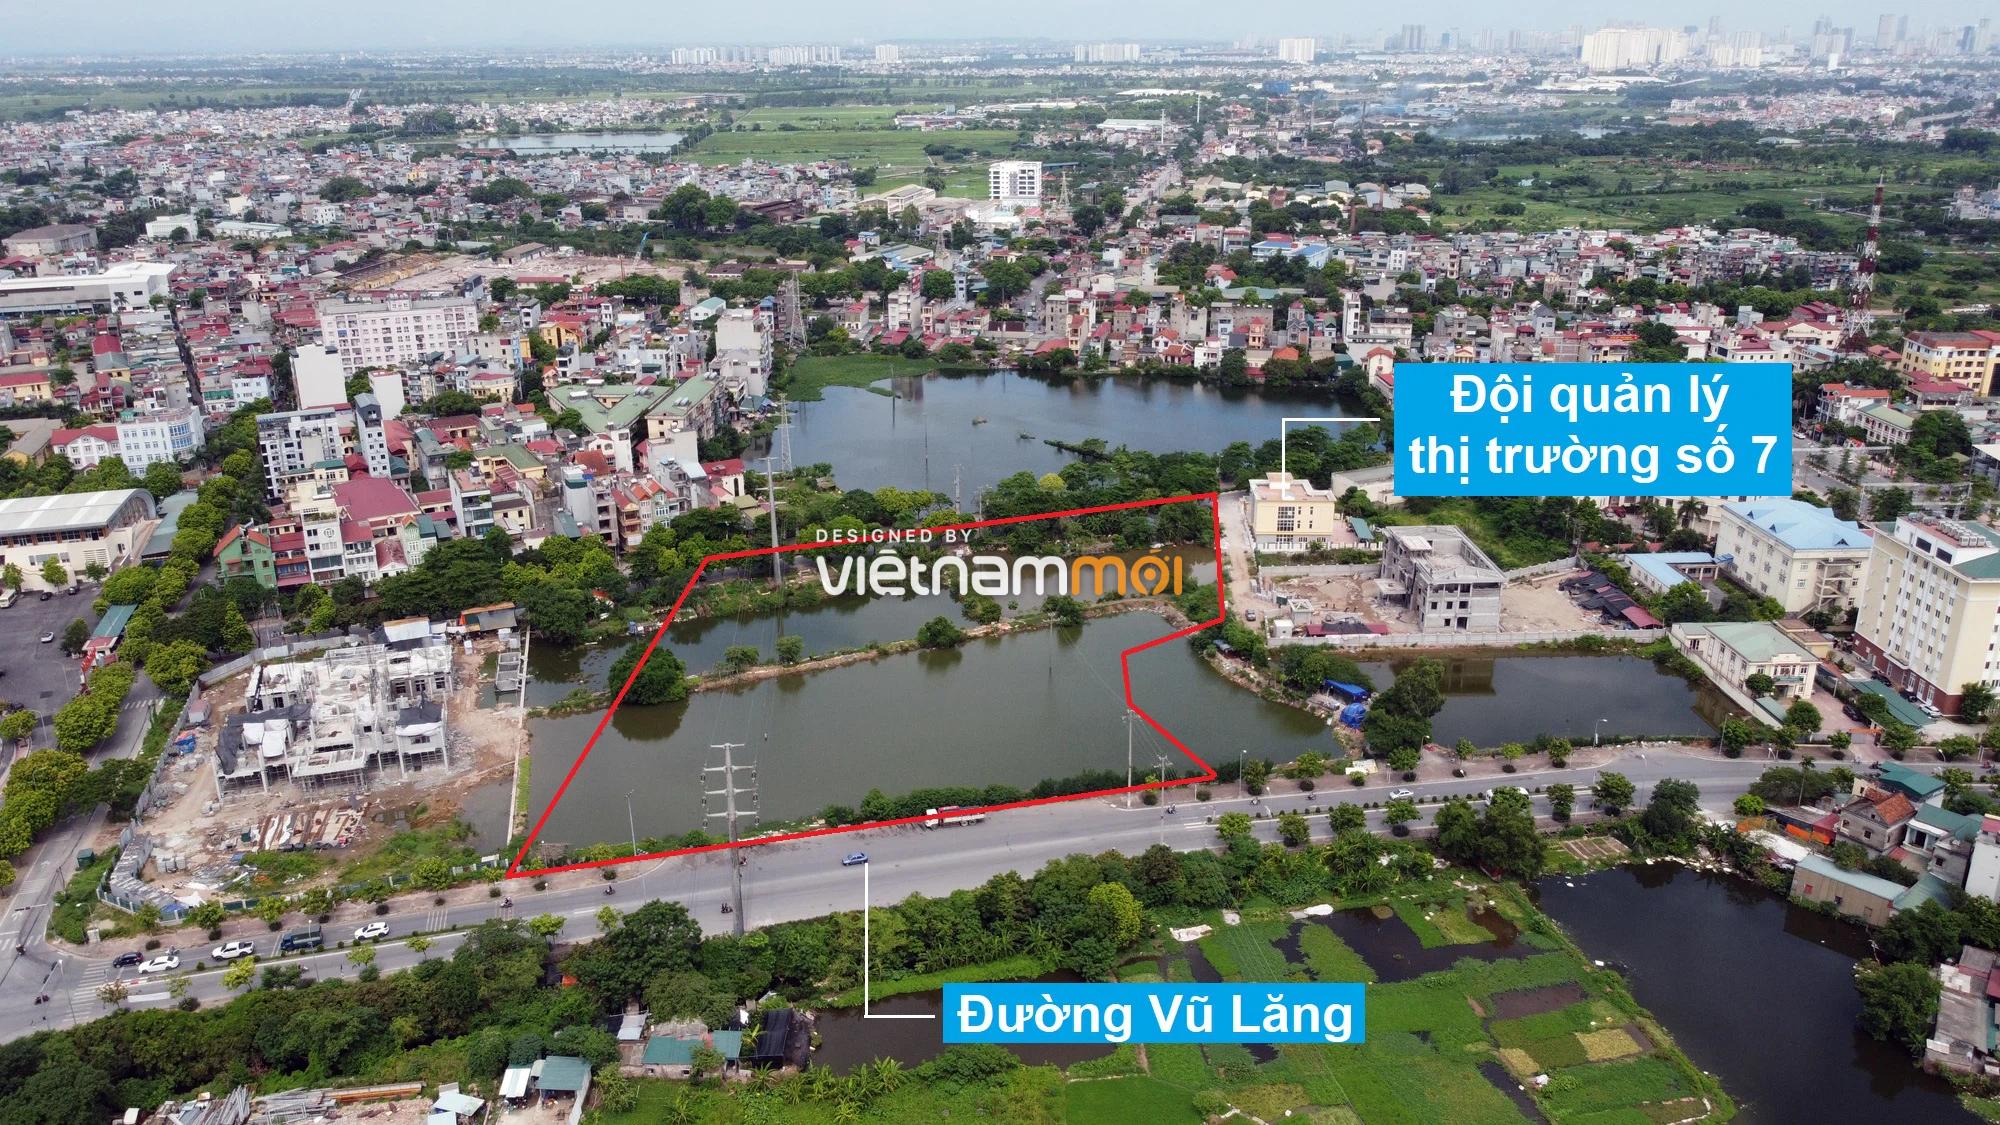 Những khu đất sắp thu hồi để mở đường ở xã Tứ Hiệp, Thanh Trì, Hà Nội (phần 2) - Ảnh 13.